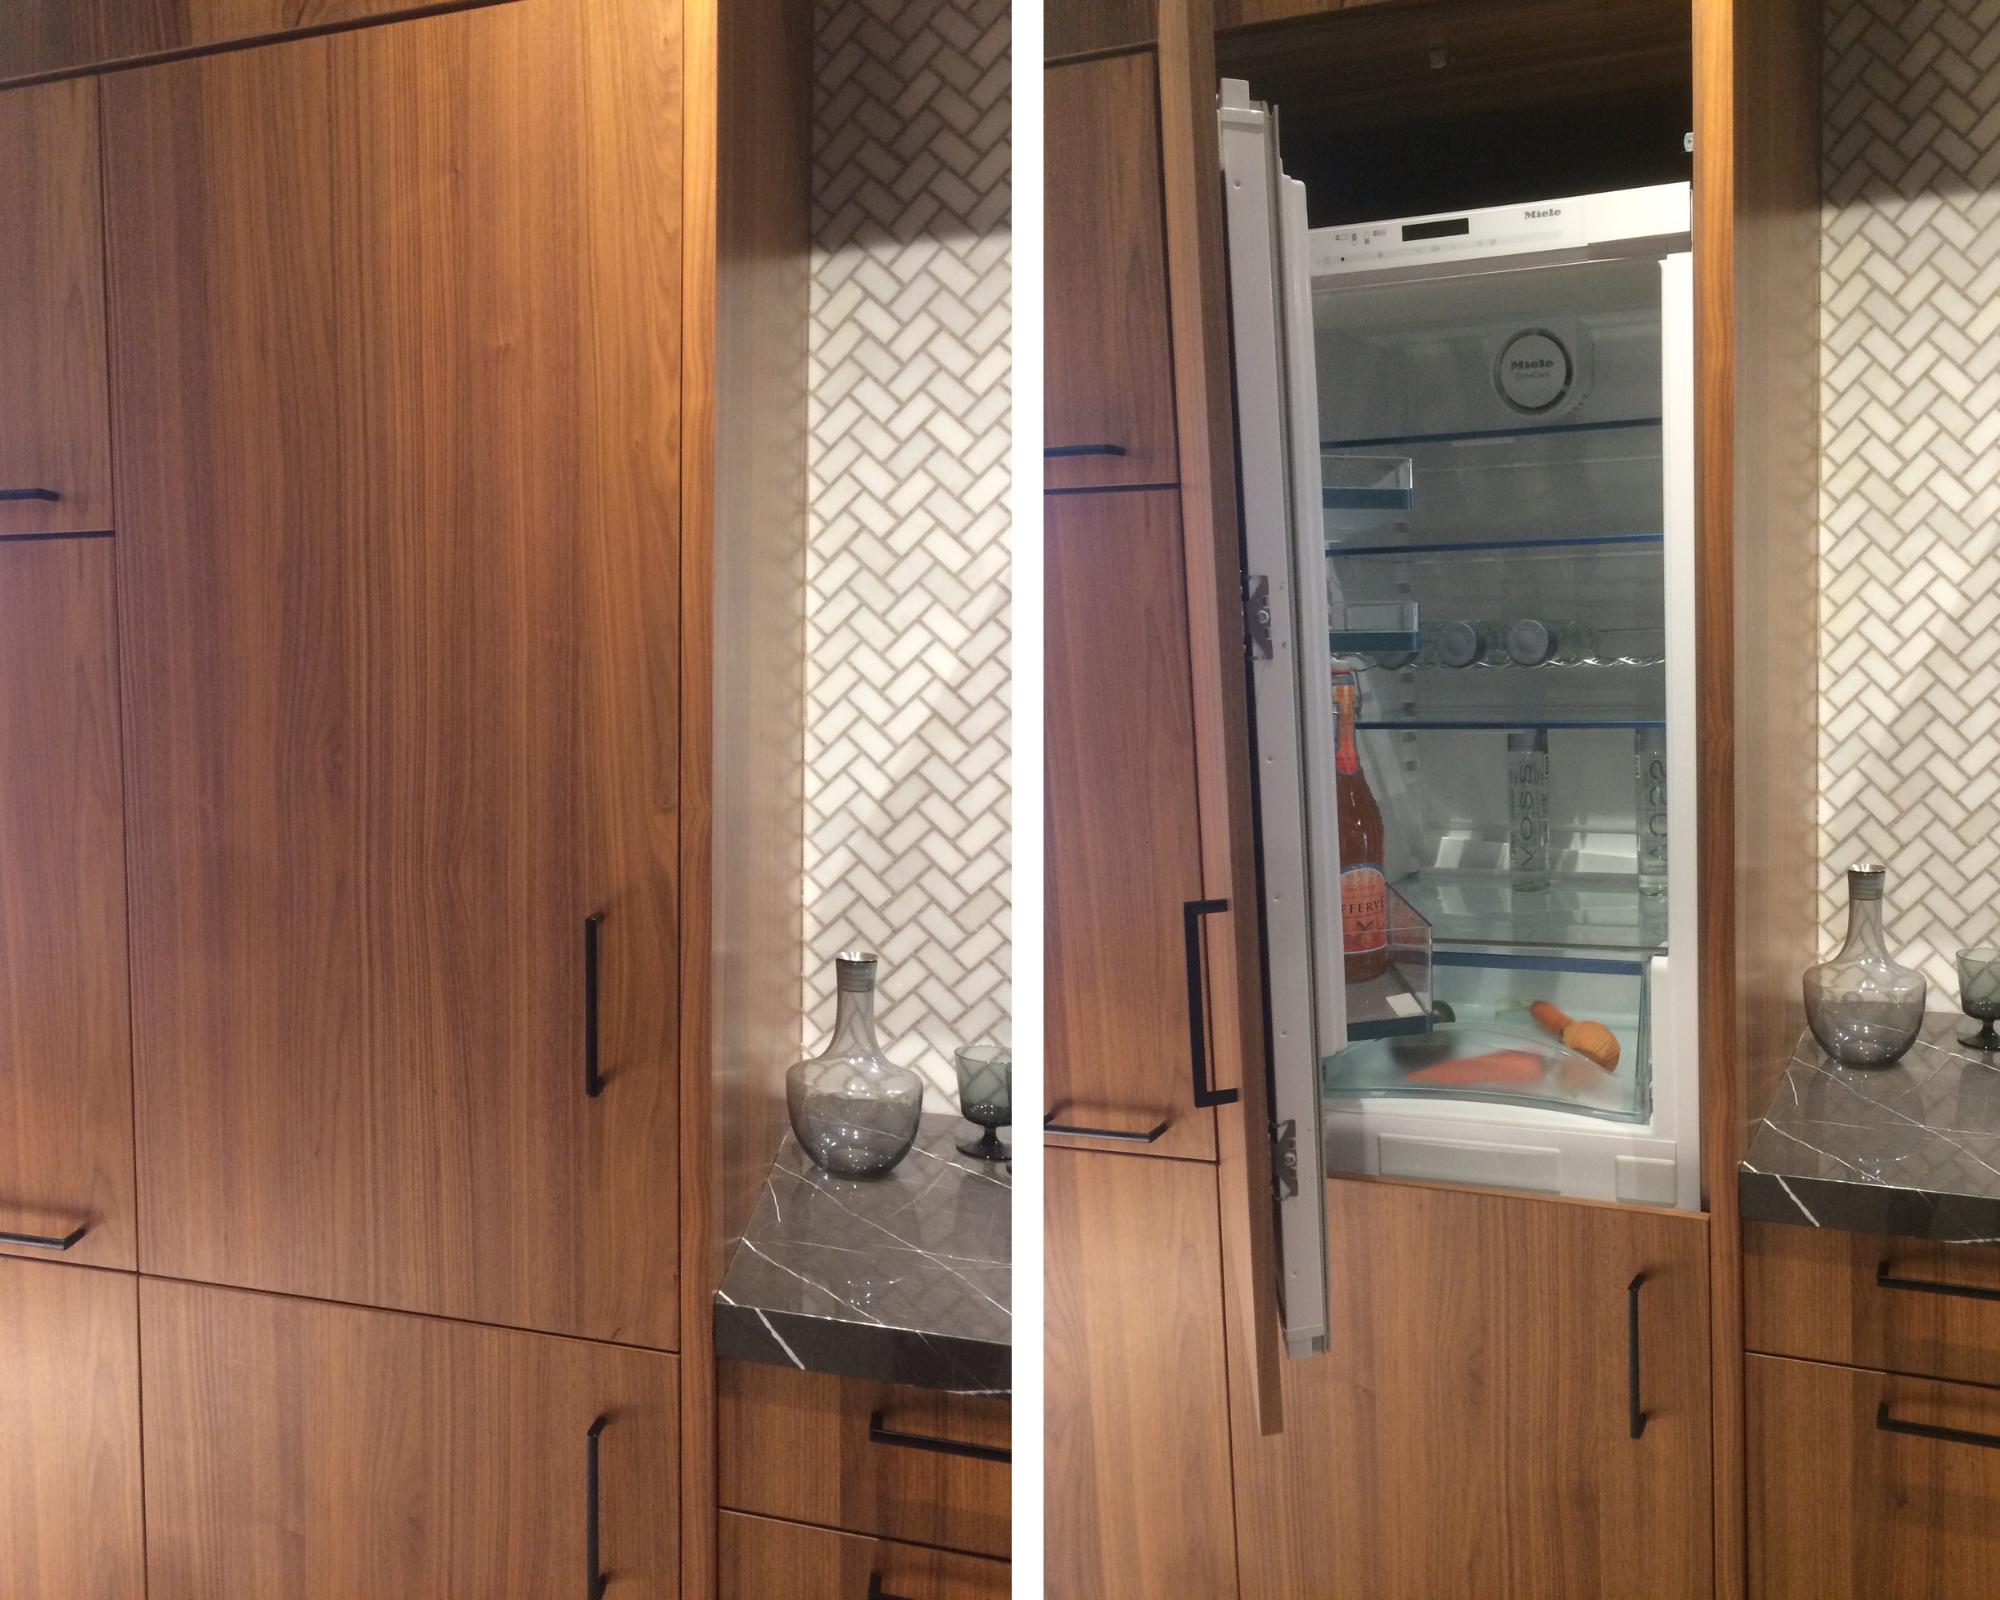 An integrated fridge